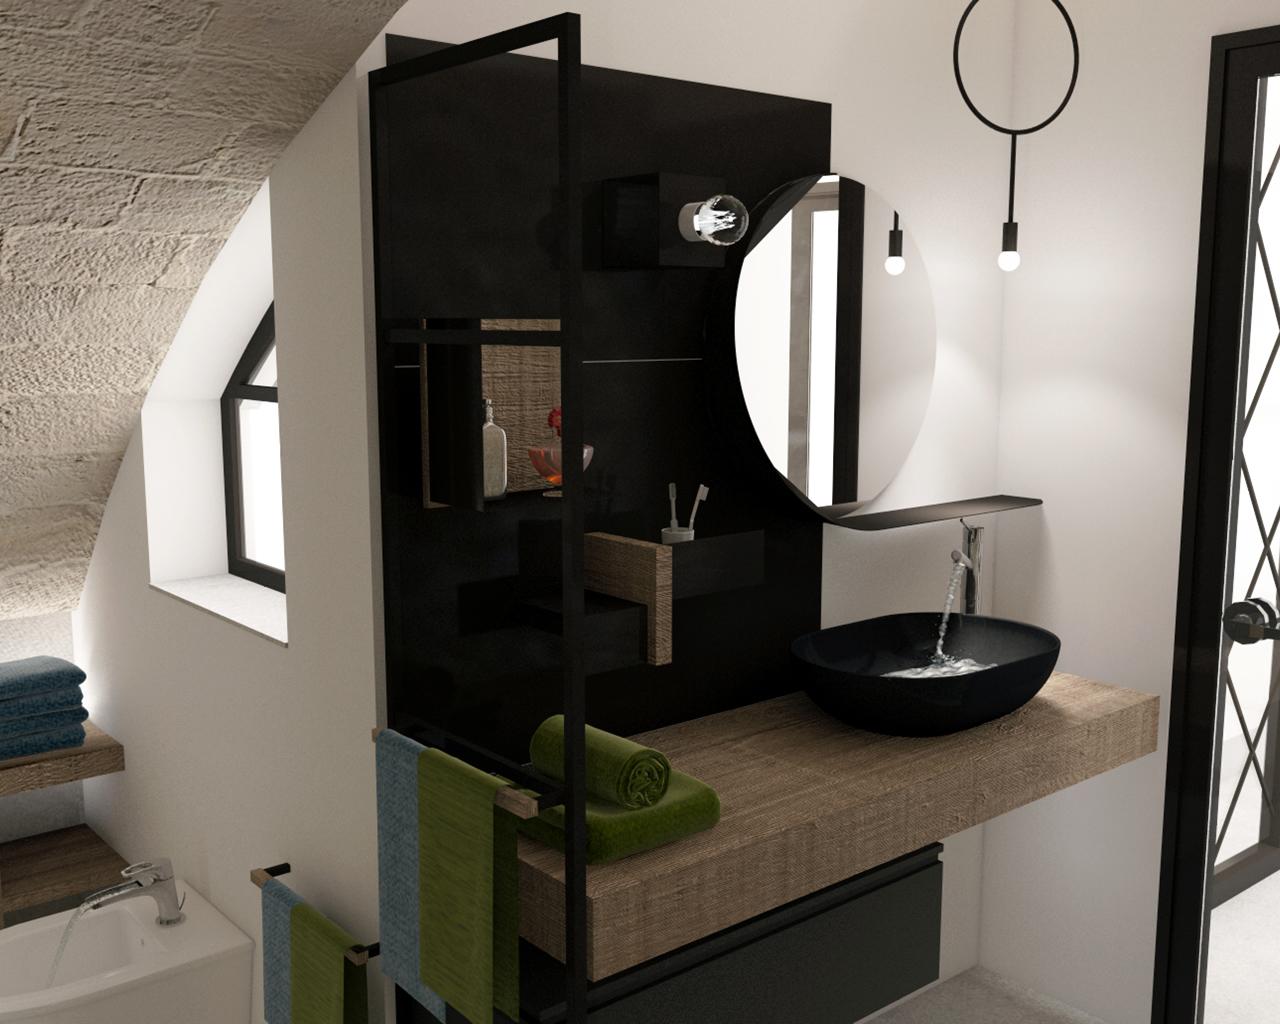 casa-id-render-bagno-5